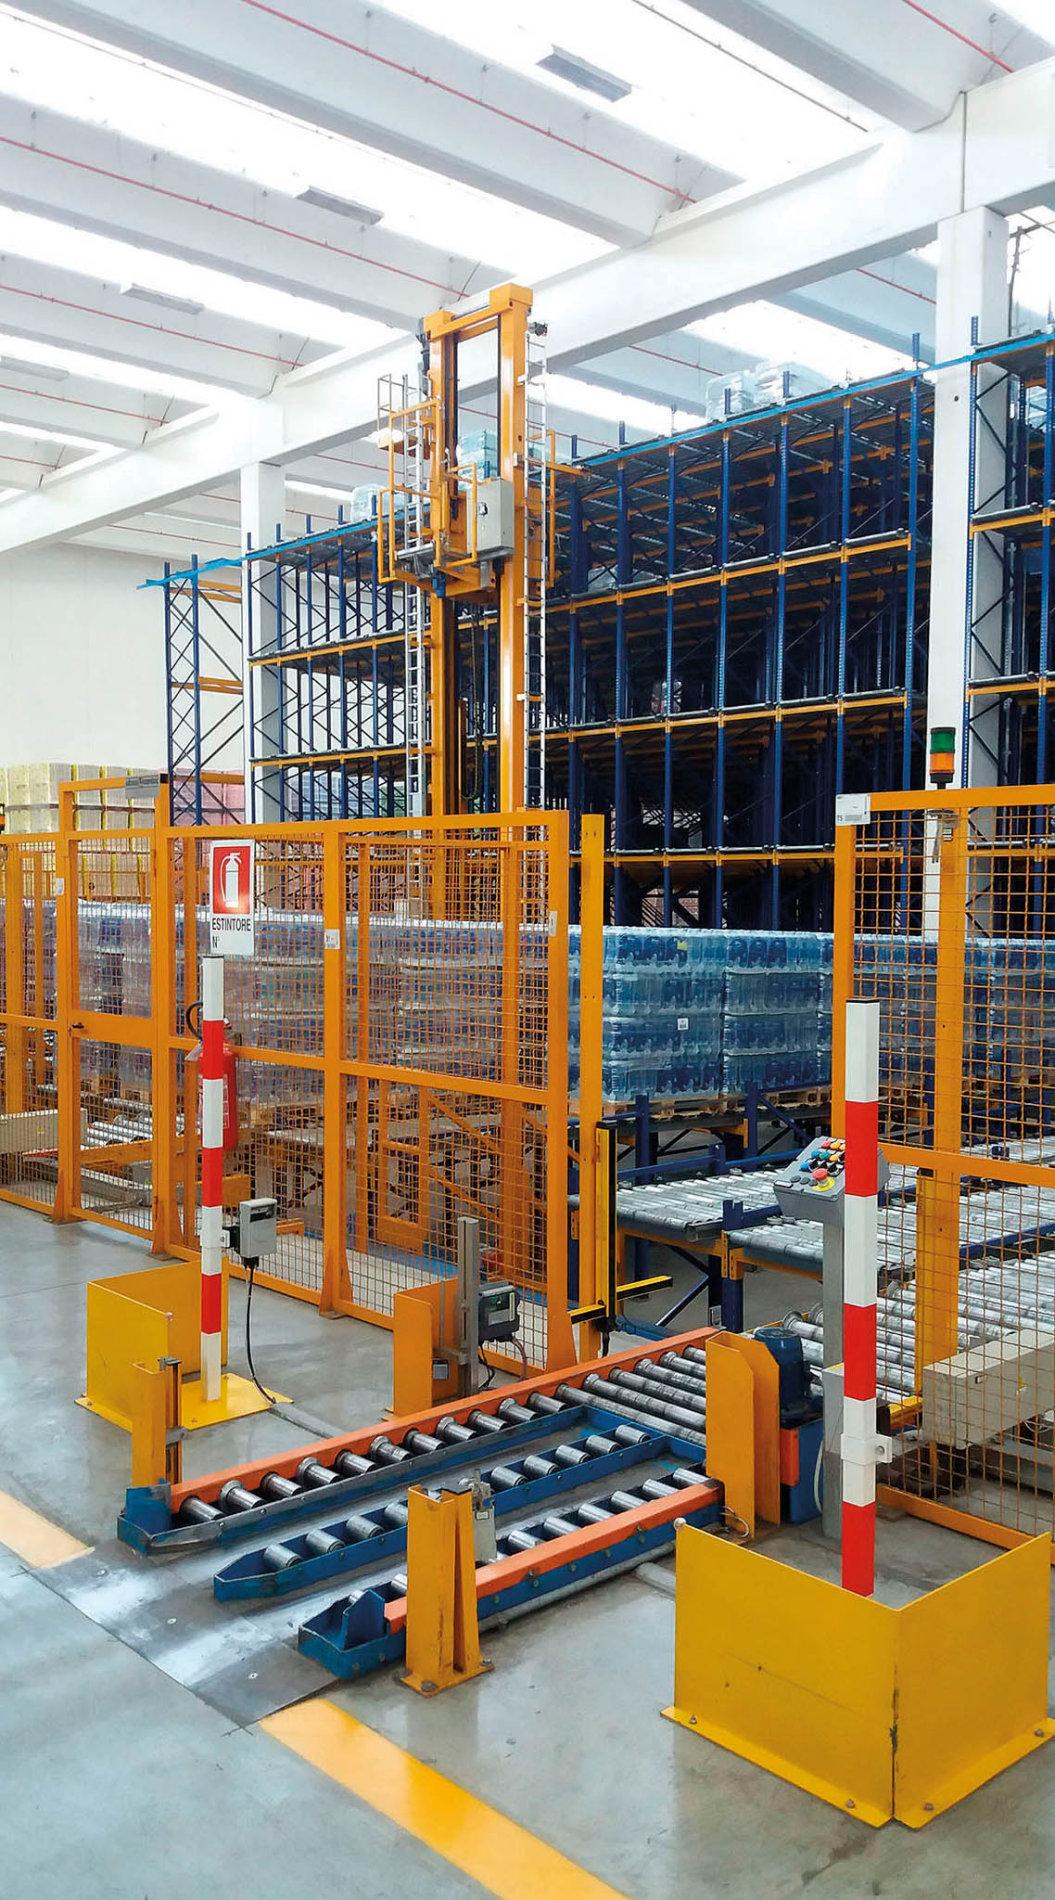 EuroSpin využívá už od roku 2008 specifickou automatickou skladovací sestavu se zakladačem, dopravníky a spádovými regály.